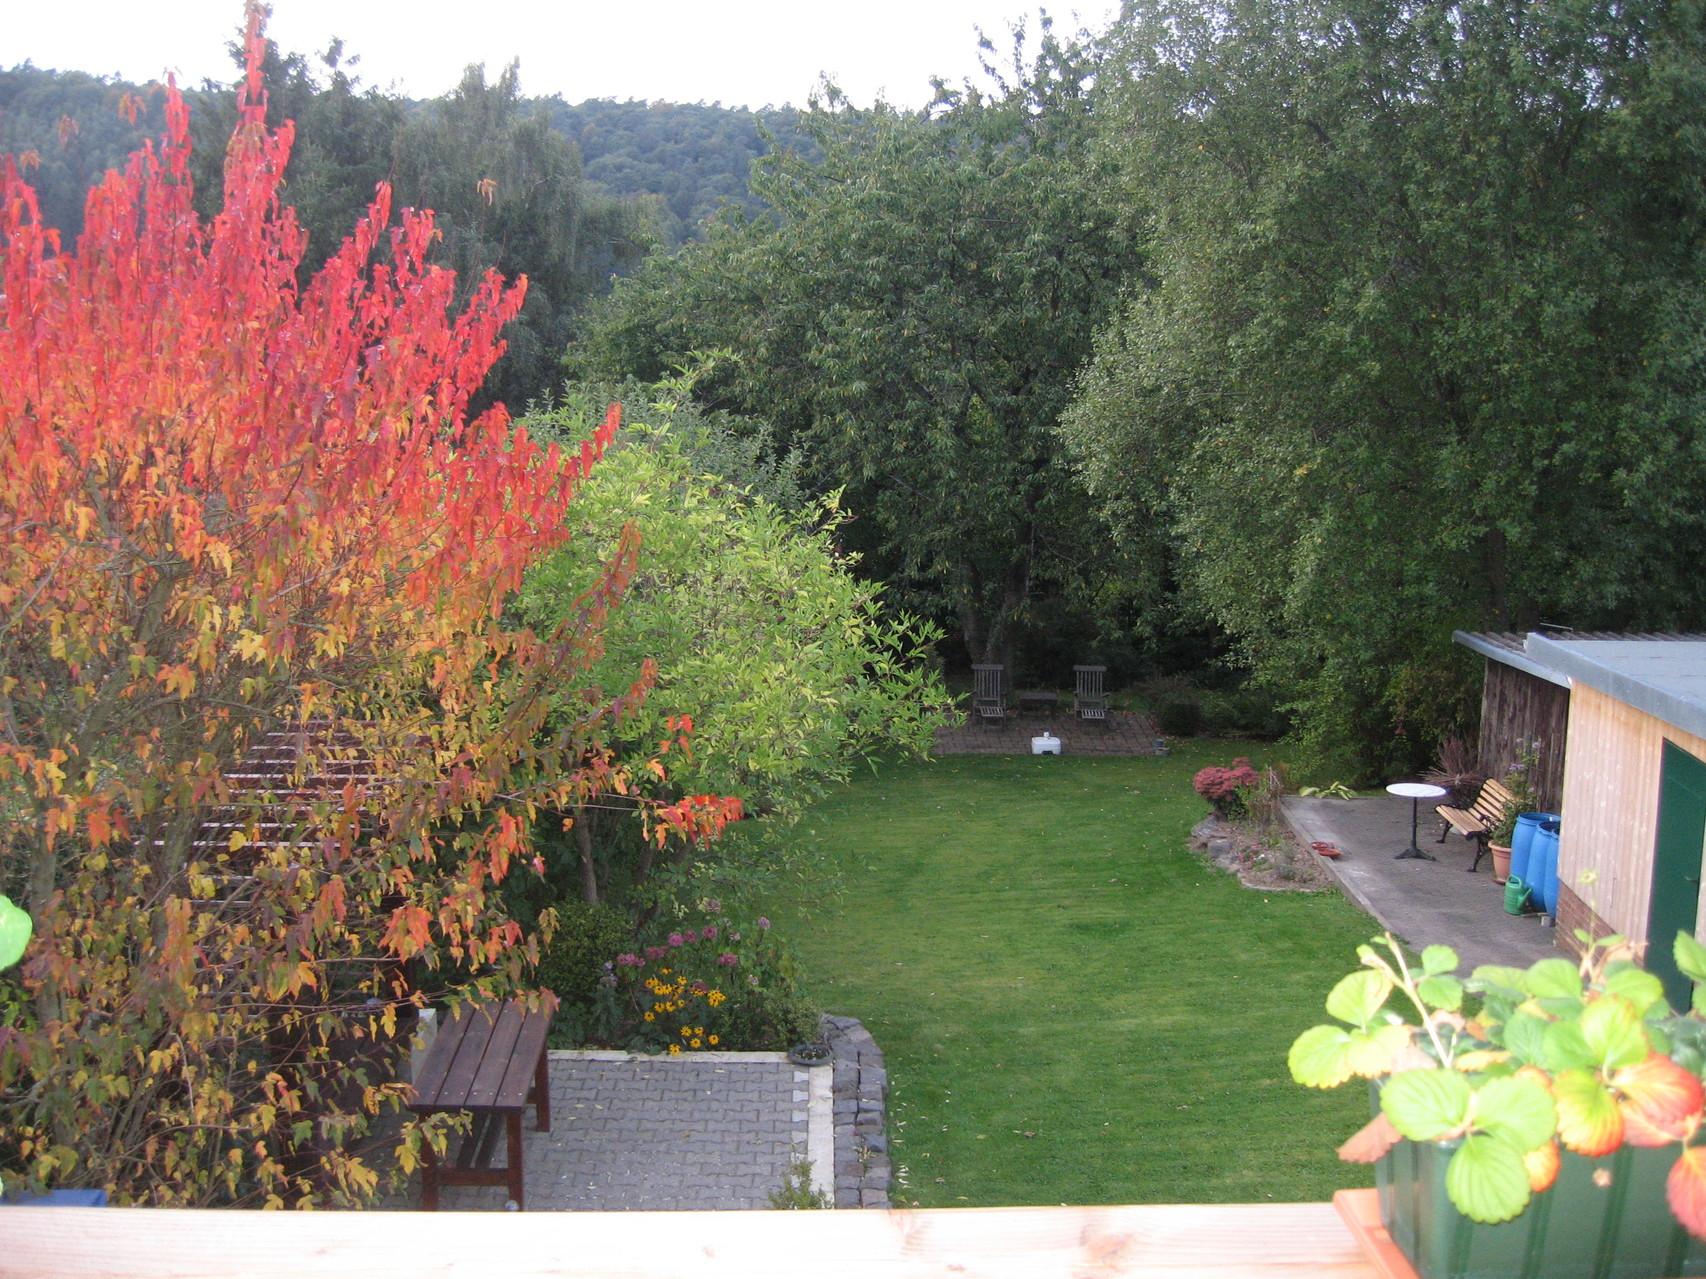 Herbstzeit in unserem Garten